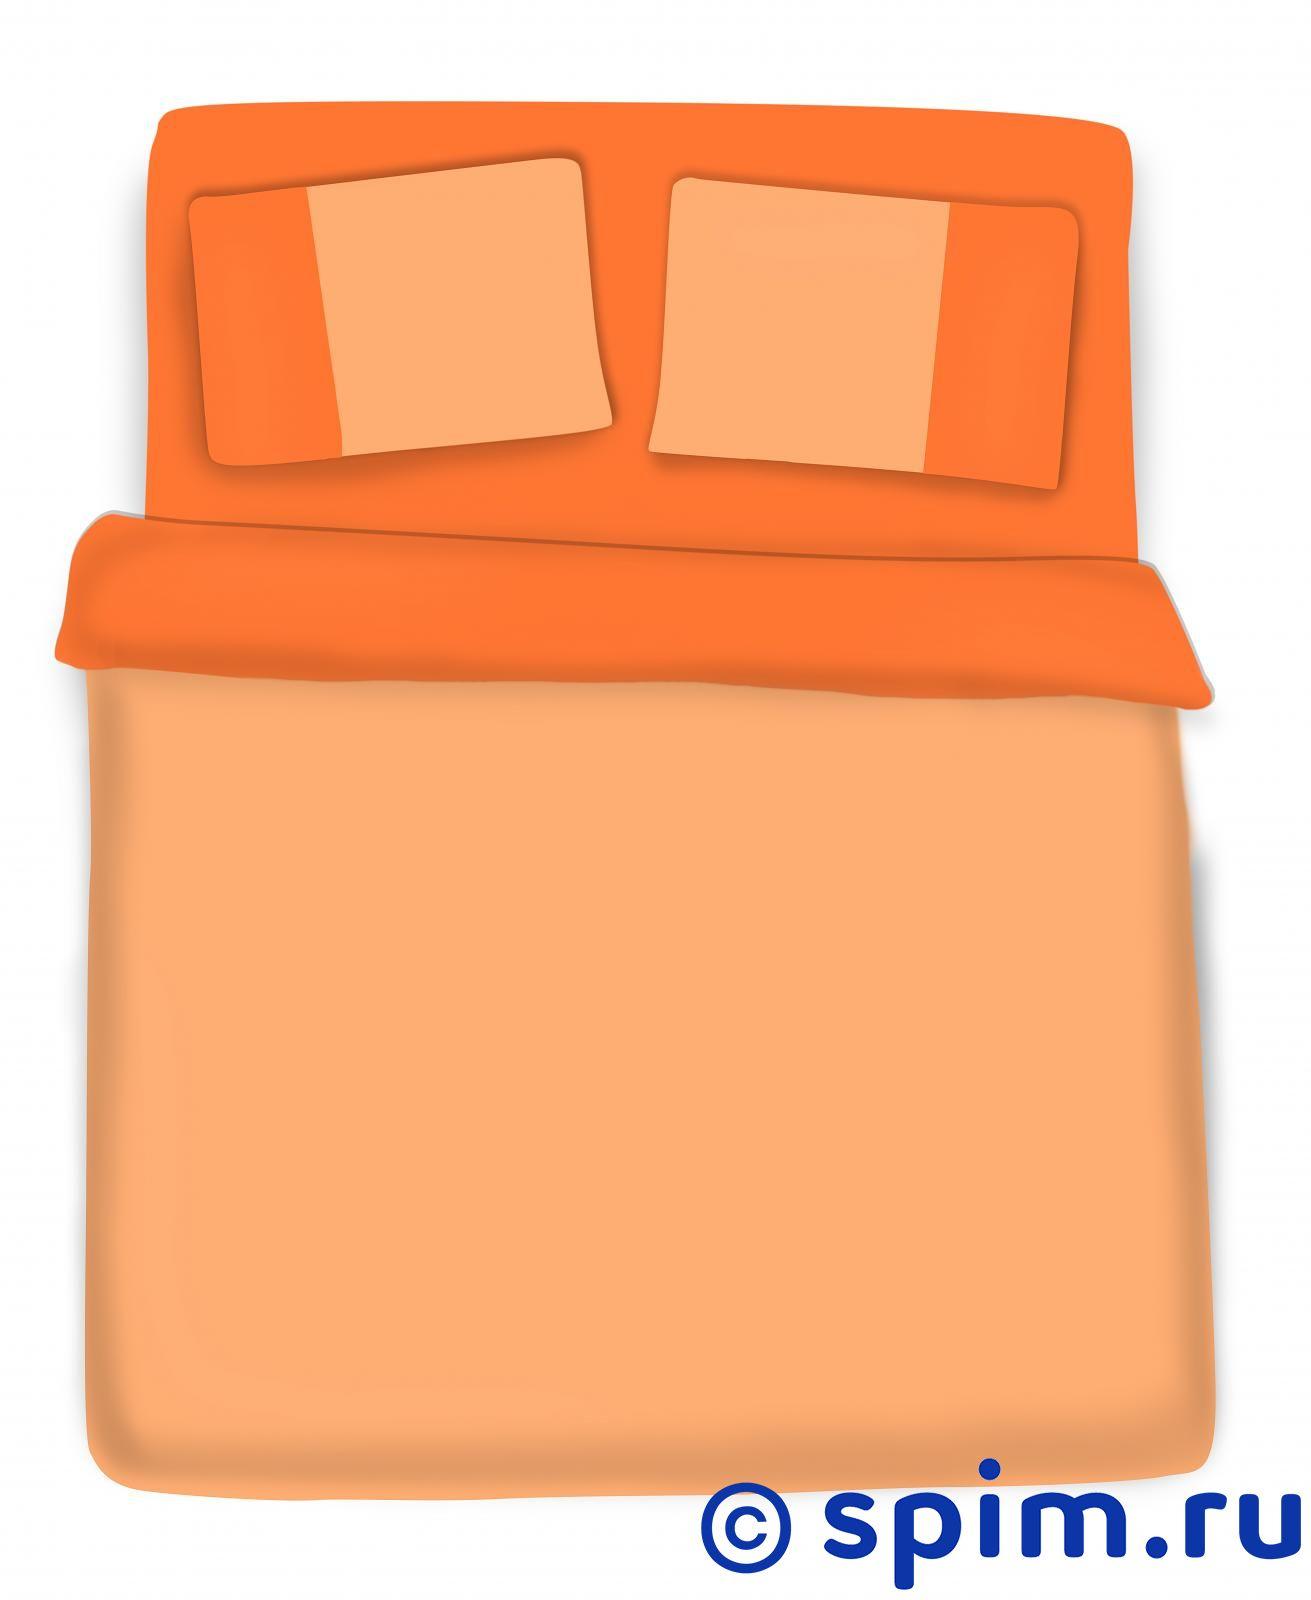 Постельное белье Stefan Landsberg Peach Fresh 1.5 спальное  - Купить